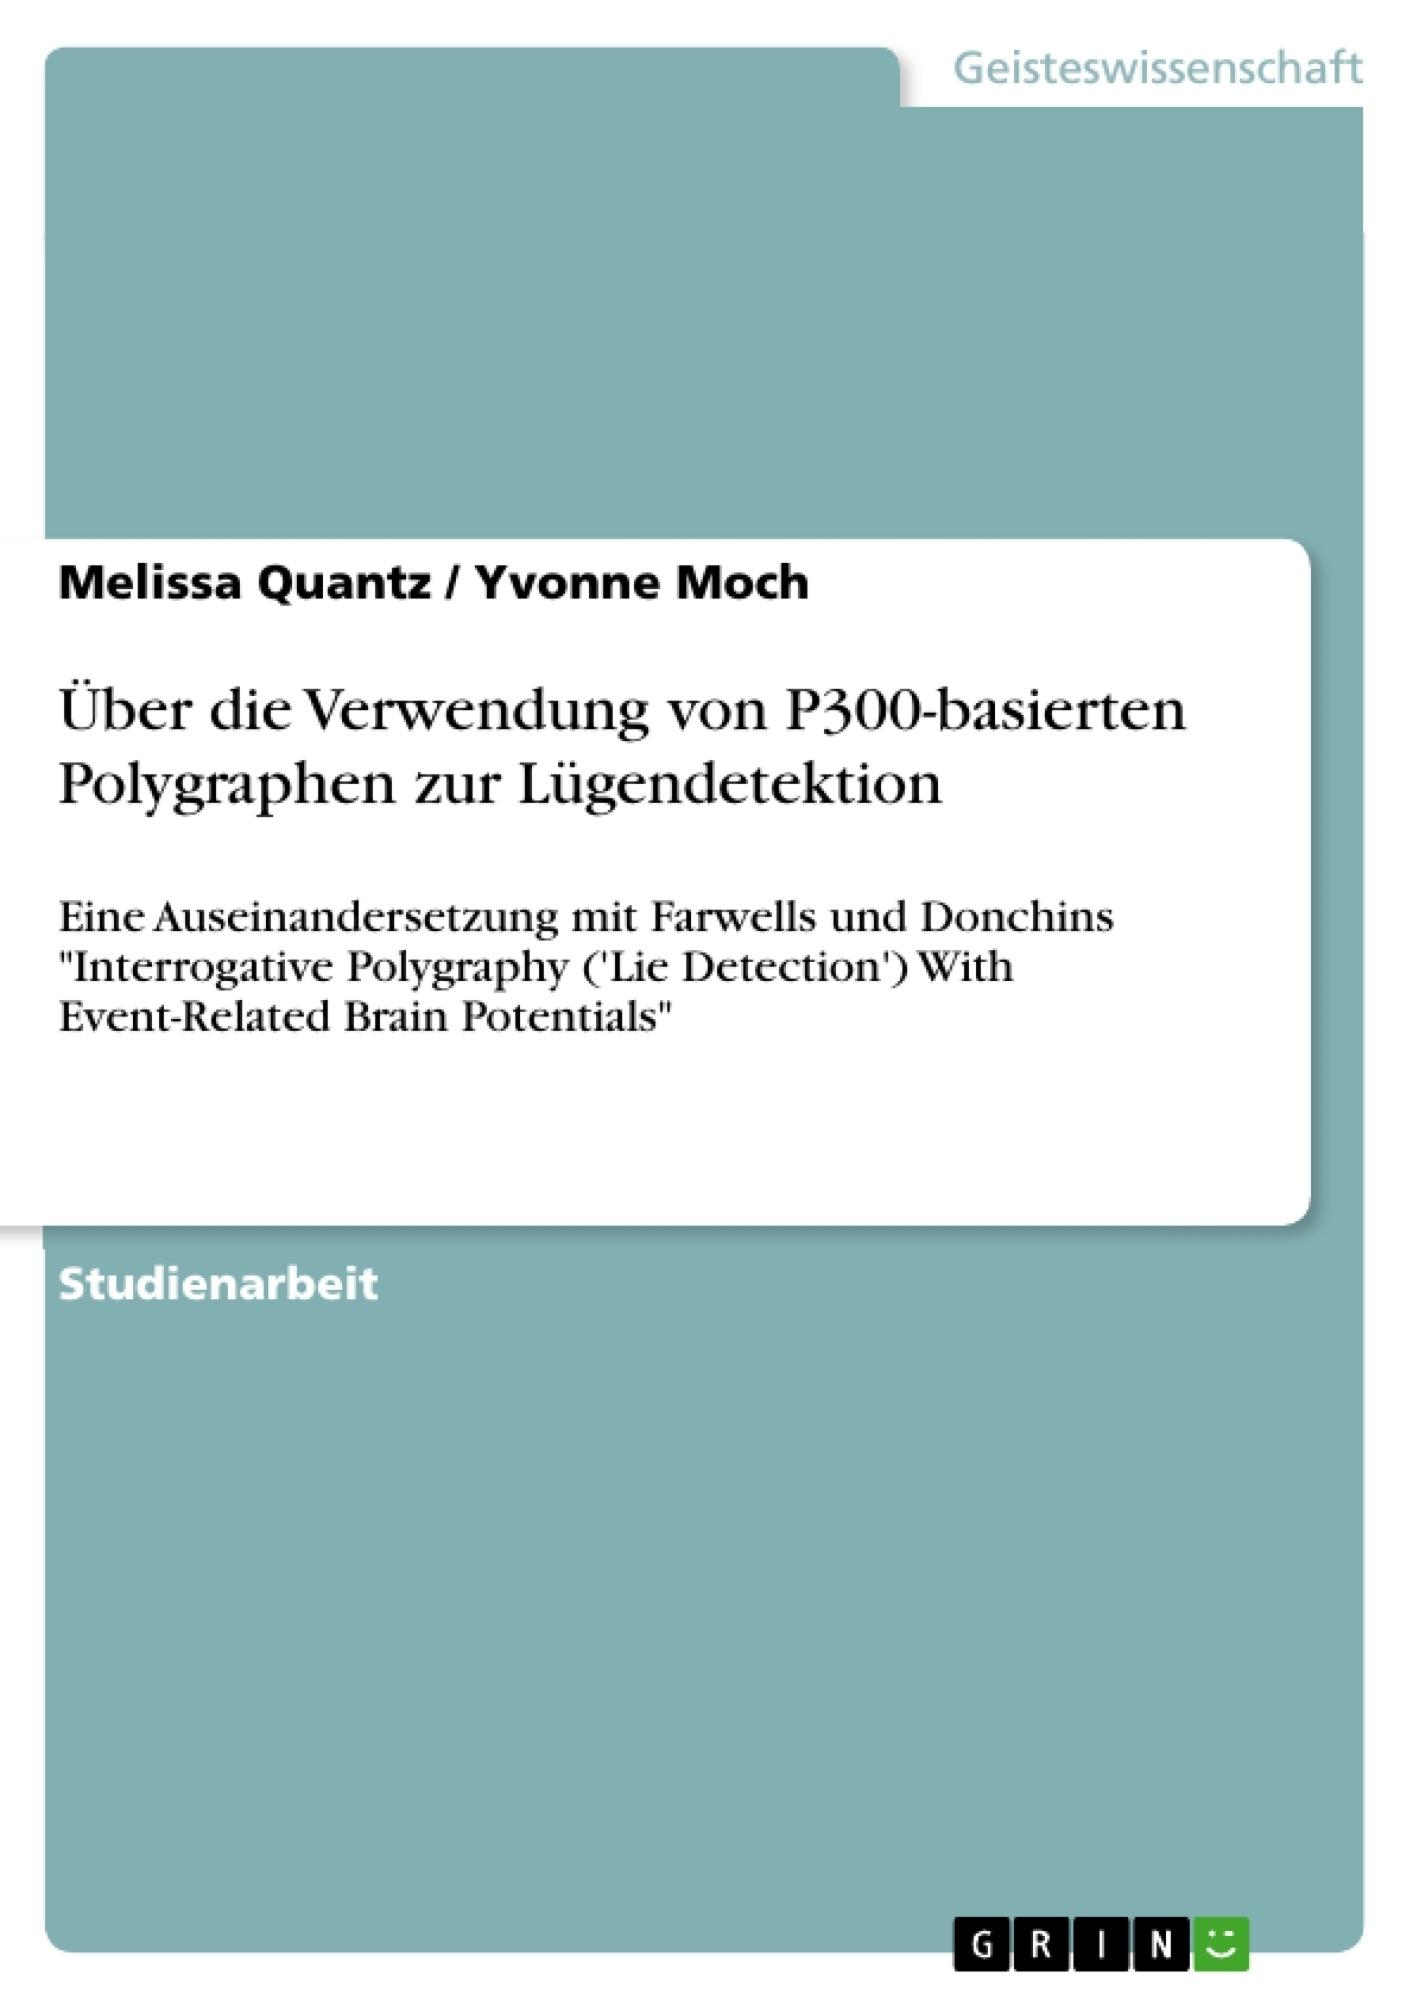 Titel: Über die Verwendung von P300-basierten Polygraphen zur Lügendetektion